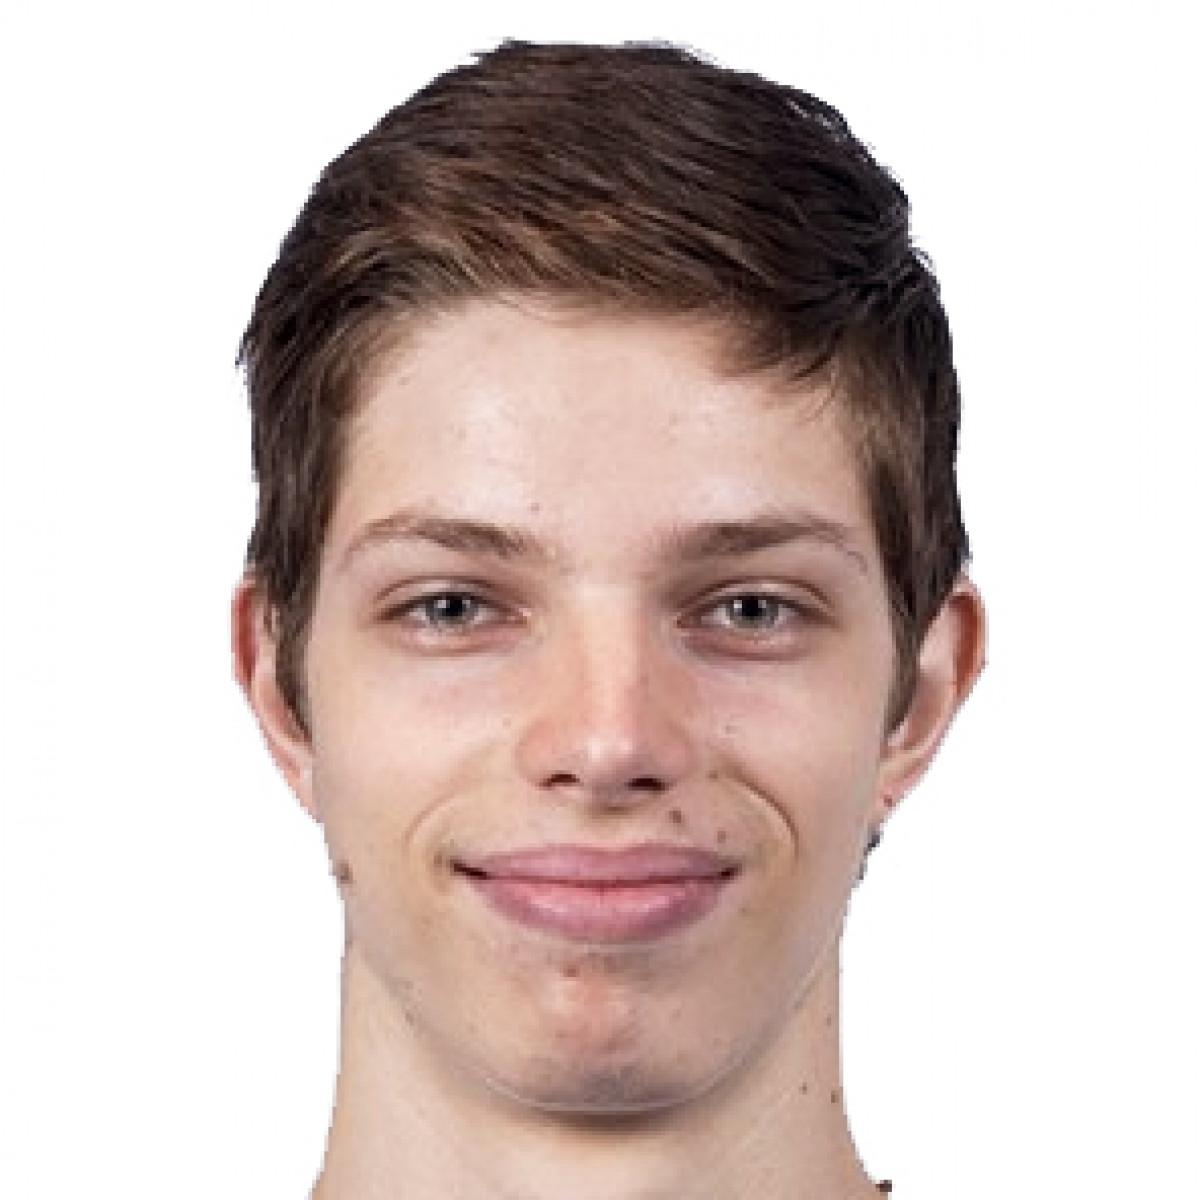 Jayson Stemper